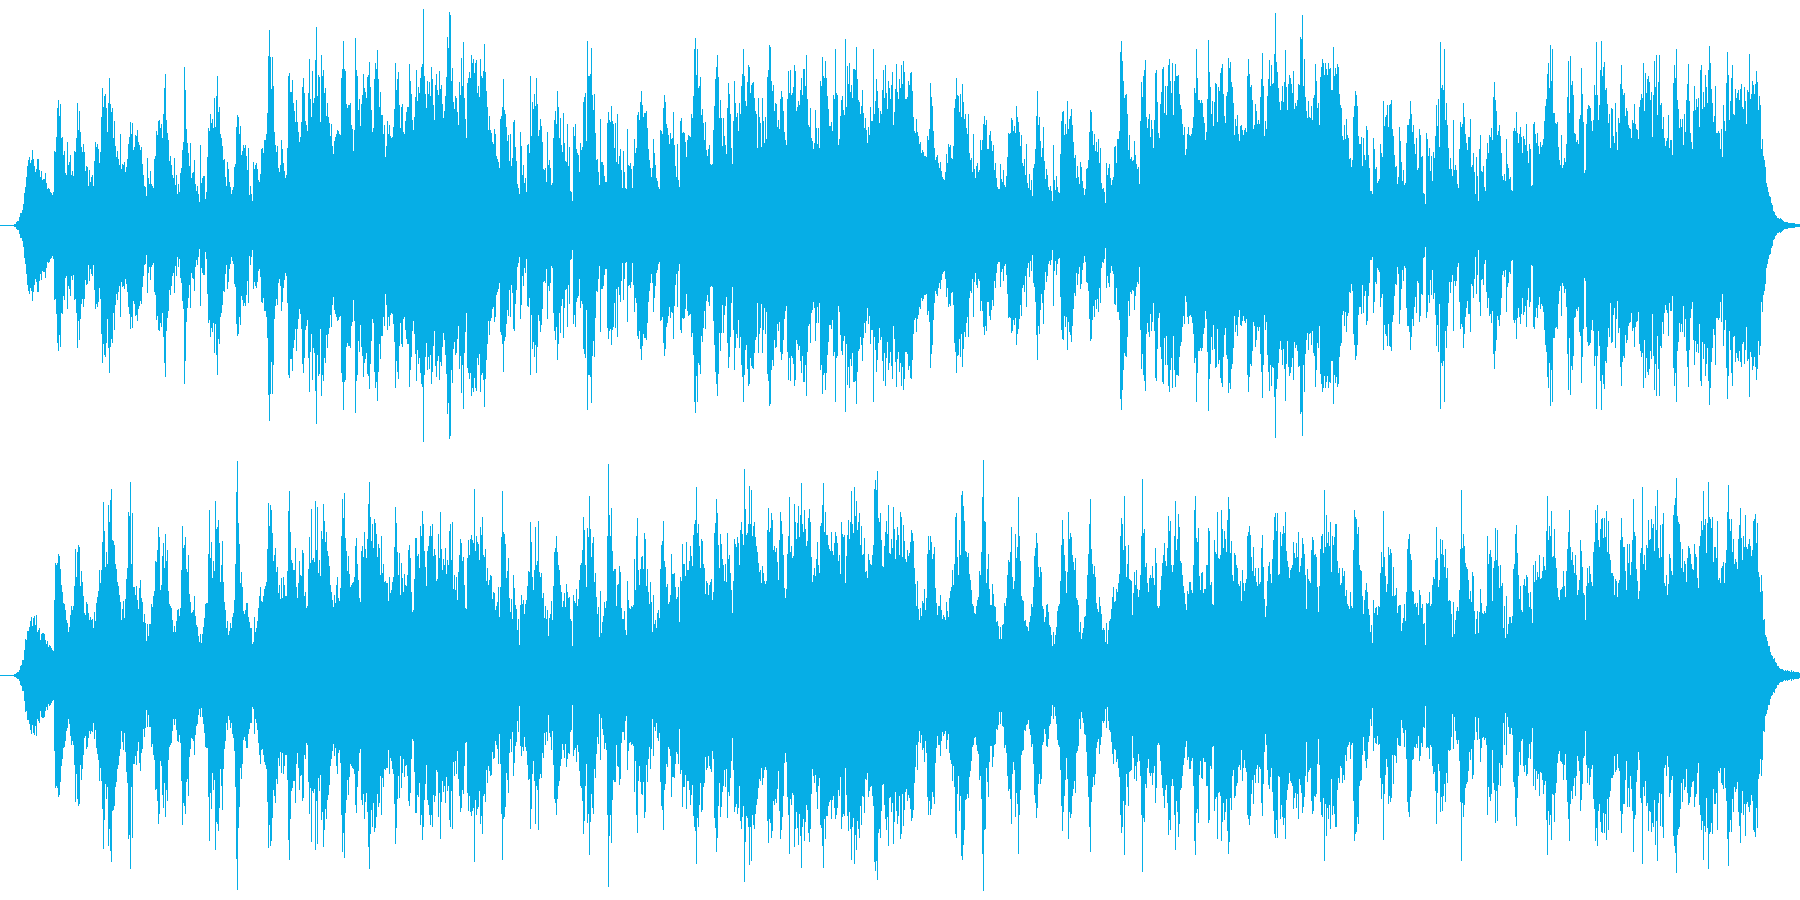 緊張感を感じさせるオーケストラ曲の再生済みの波形